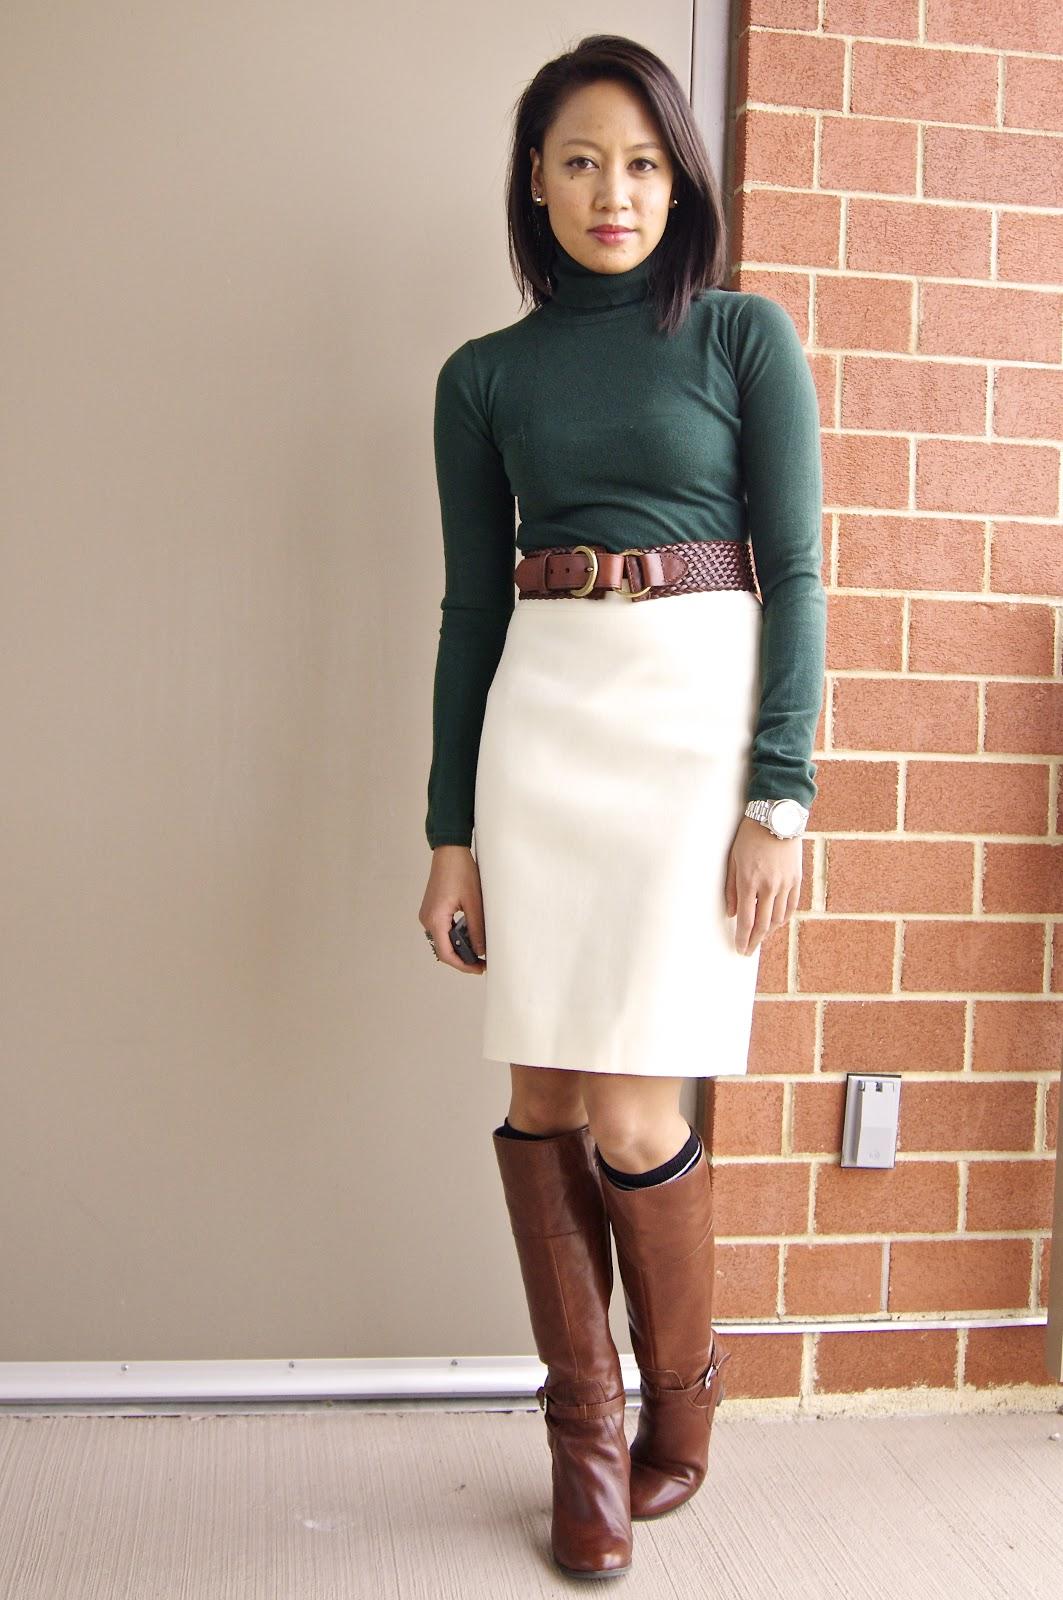 С чем носить юбку карандаш зимой